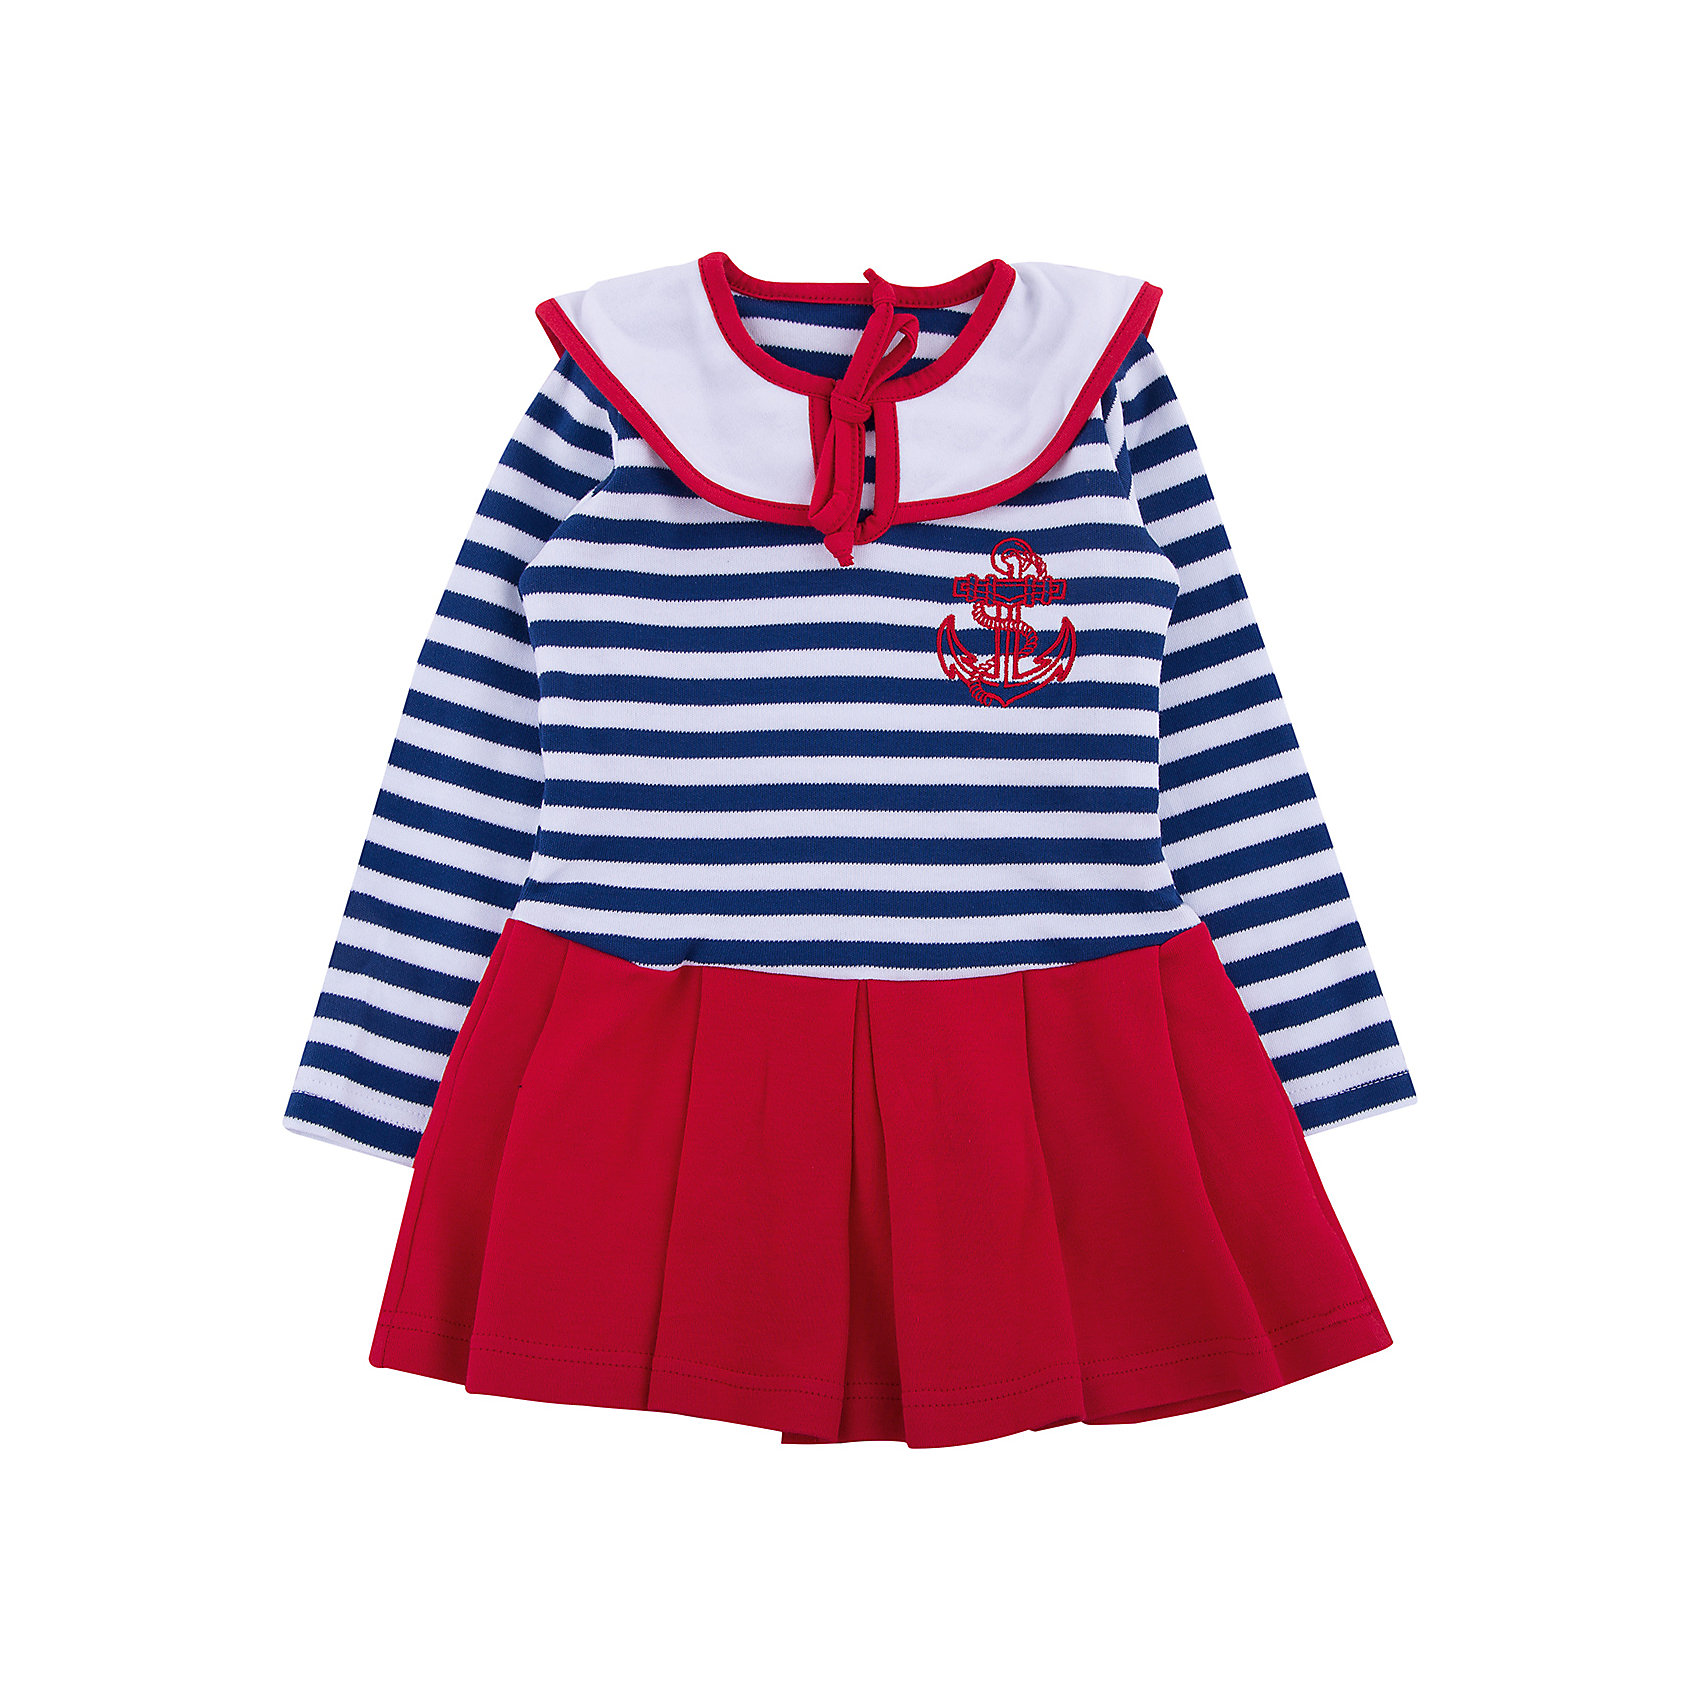 Платье для девочки АпрельПлатья и сарафаны<br>Платье для девочки Апрель.<br><br>Характеристики:<br><br>• 100% хлопок<br>• рукав: длинный<br>• коллекция: Круиз<br>• цвет: синий/красный<br><br><br>Стильное платье Апрель на морскую тематику понравится каждой девочке. Оно изготовлено из качественного хлопка, приятного на ощупь и отлично сидит по фигуре. Необычный дизайн платья включает в себя: подол с оборками, верх в полоску, нагрудник с завязками и вышивка на груди. Контрастный дизайн подола завершает оригинальный образ девочки. Платье отлично подойдет и на каждый день, и на костюмированную вечеринку.<br><br>Платье для девочки Апрель вы можете купить в нашем интернет-магазине.<br><br>Ширина мм: 236<br>Глубина мм: 16<br>Высота мм: 184<br>Вес г: 177<br>Цвет: разноцветный<br>Возраст от месяцев: 18<br>Возраст до месяцев: 24<br>Пол: Женский<br>Возраст: Детский<br>Размер: 92,116,92,98,104,110<br>SKU: 5006857